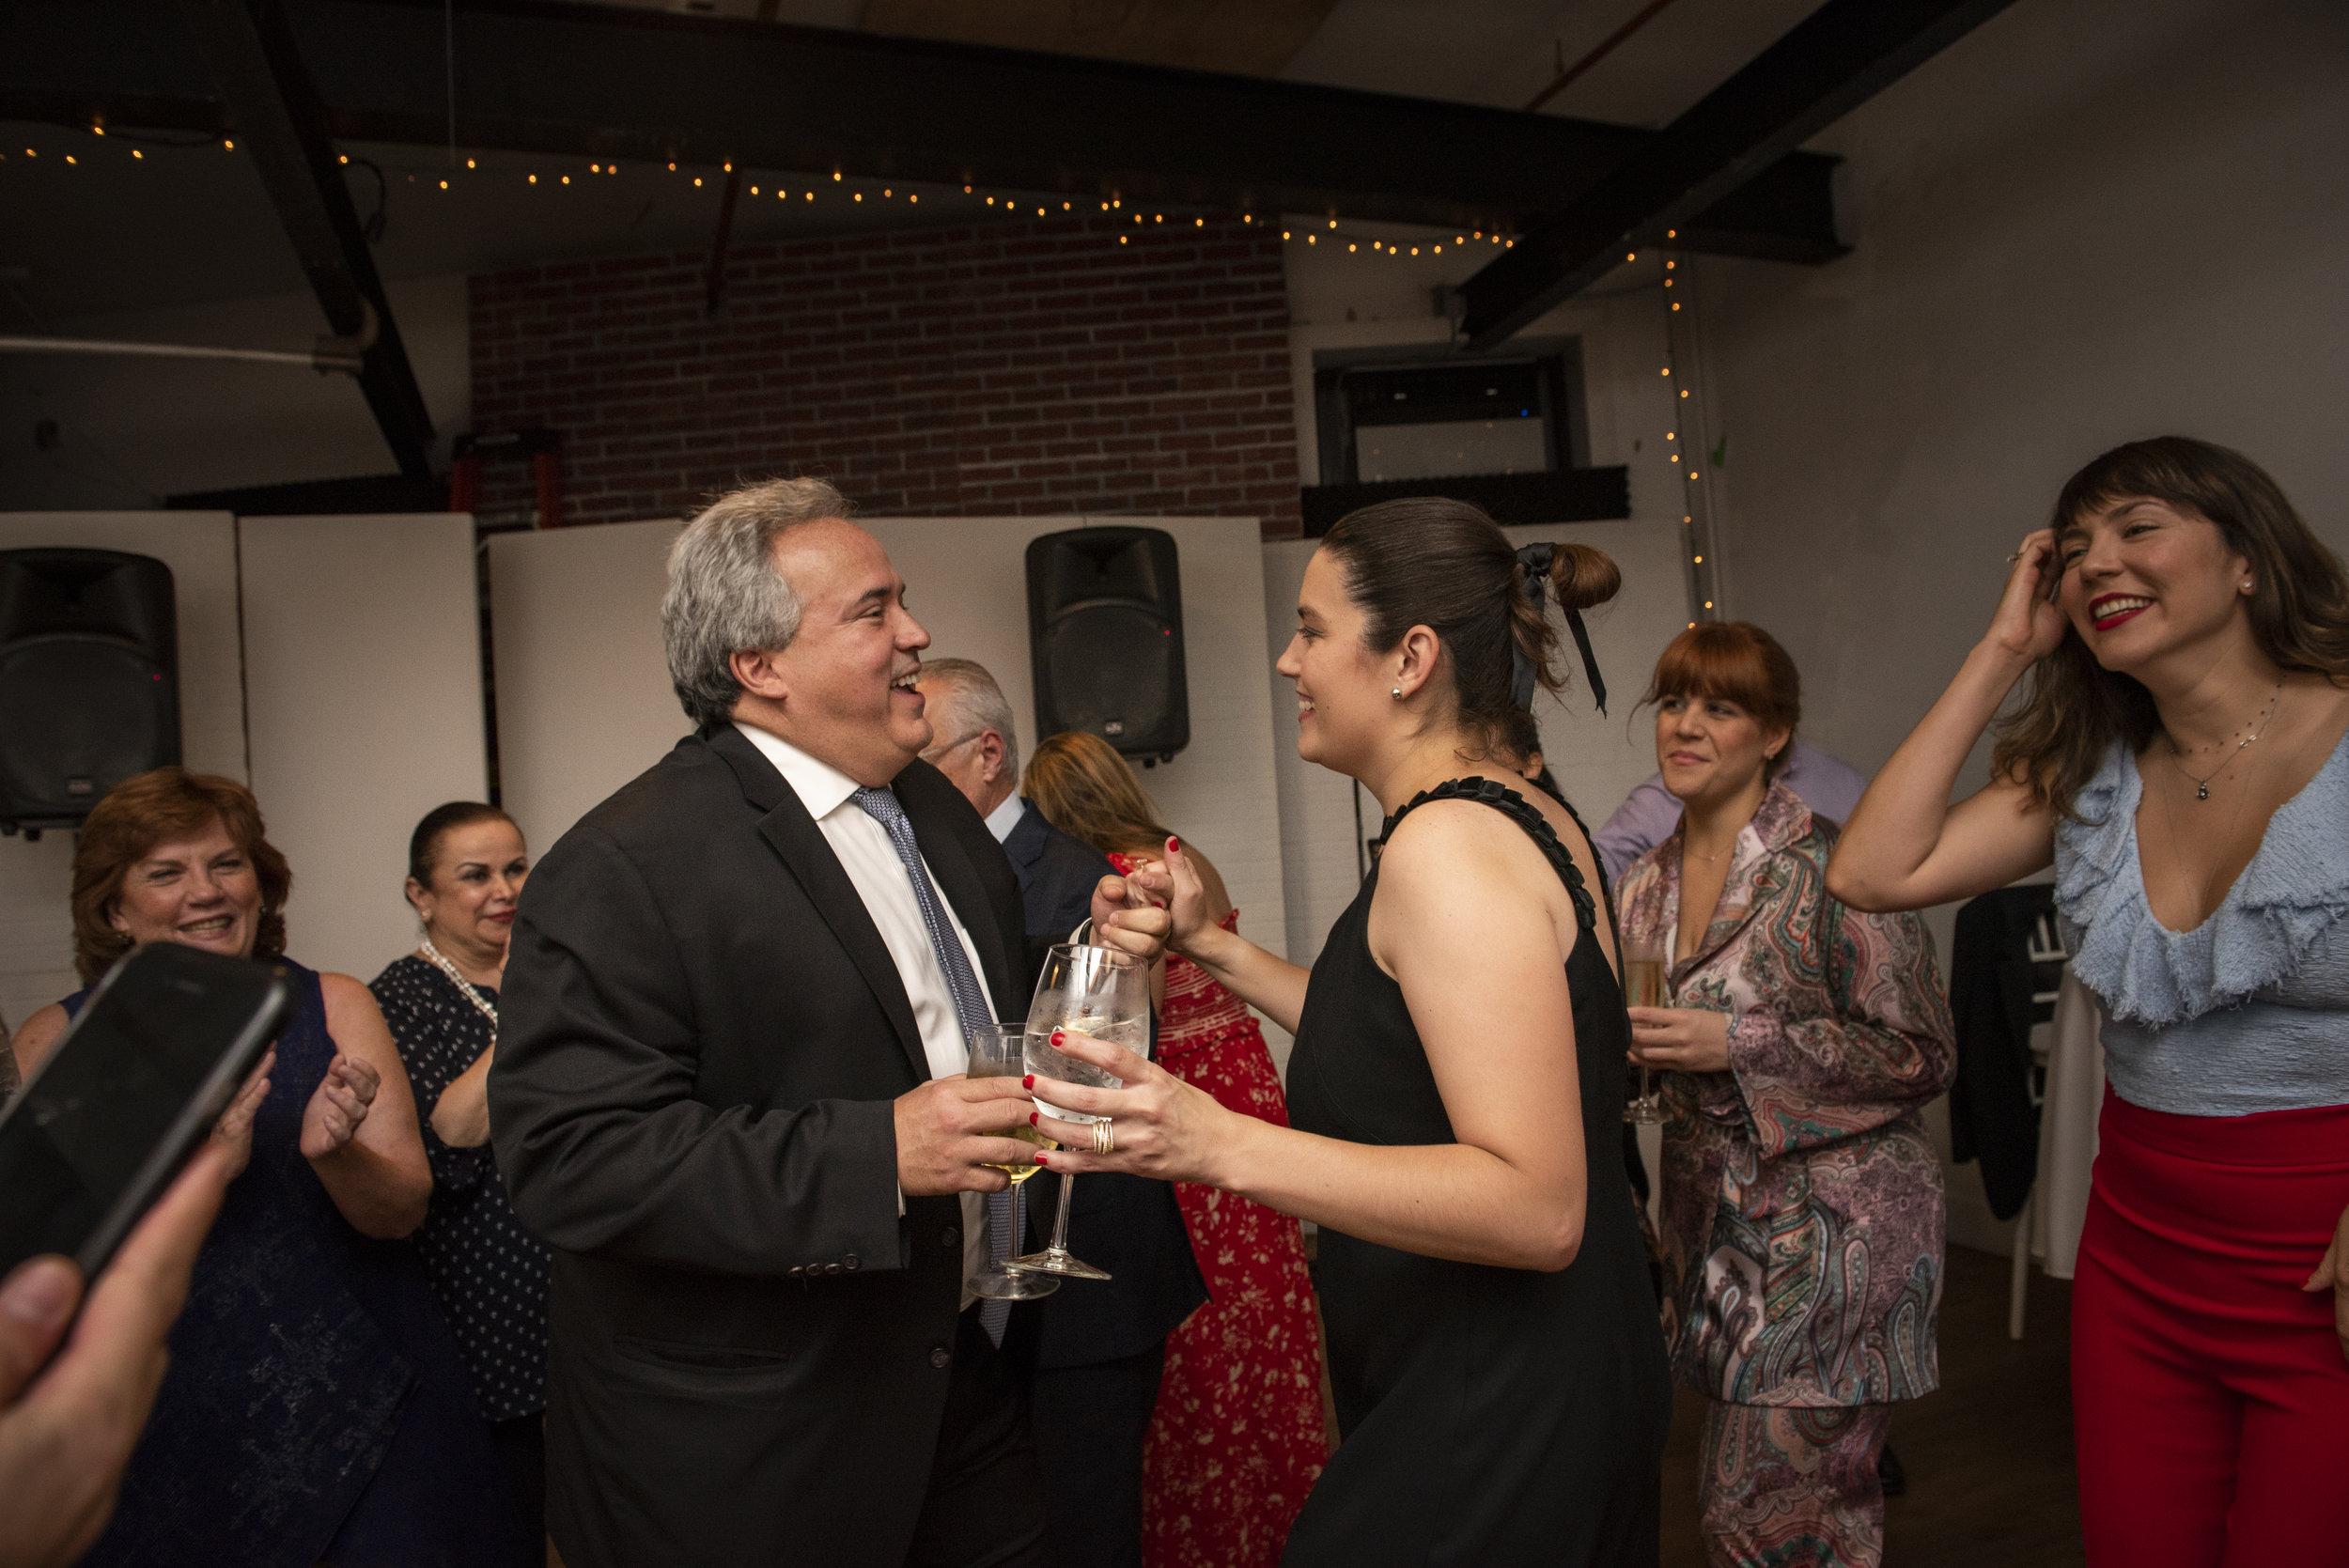 Cristina y Alejandro - Boda Civil NYC por Romina Hendlin @TheOtherRomina-128.jpg